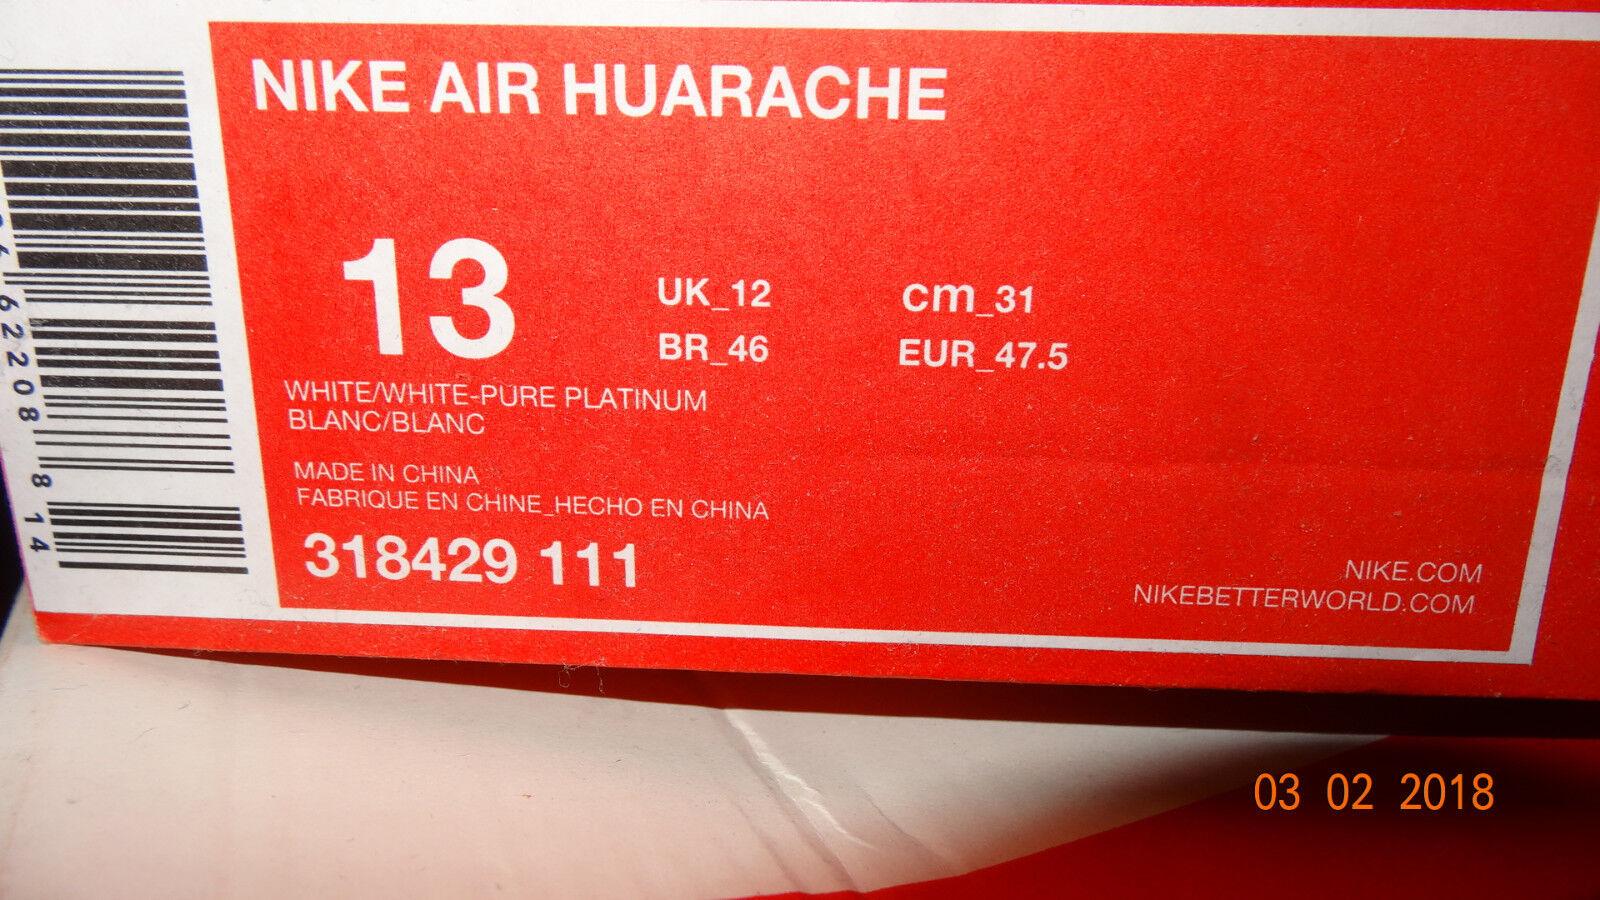 Nike Air Huarache weiß/weiß/platinTriple White weiss 47,5 47.5 47.5 47.5 13 dd1d7d